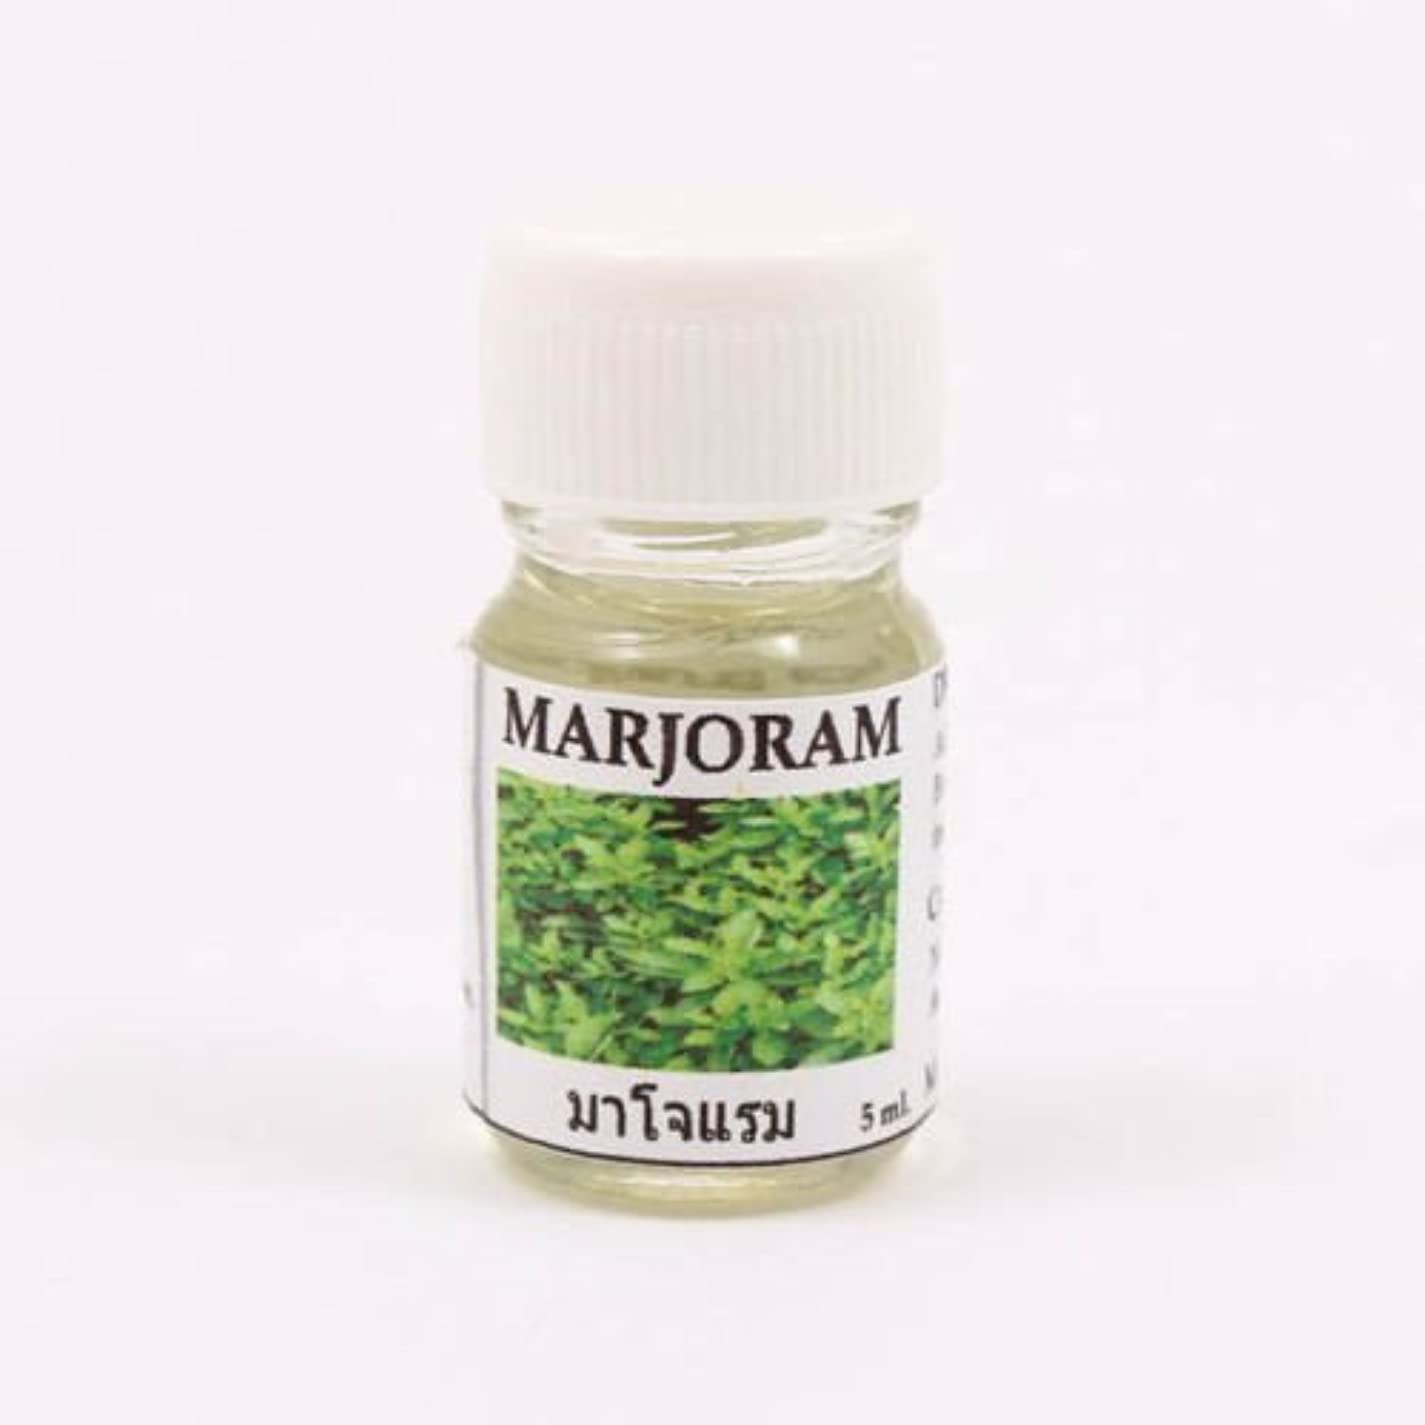 インフルエンザ雲主6X Marjoram Aroma Fragrance Essential Oil 5ML (cc) Diffuser Burner Therapy